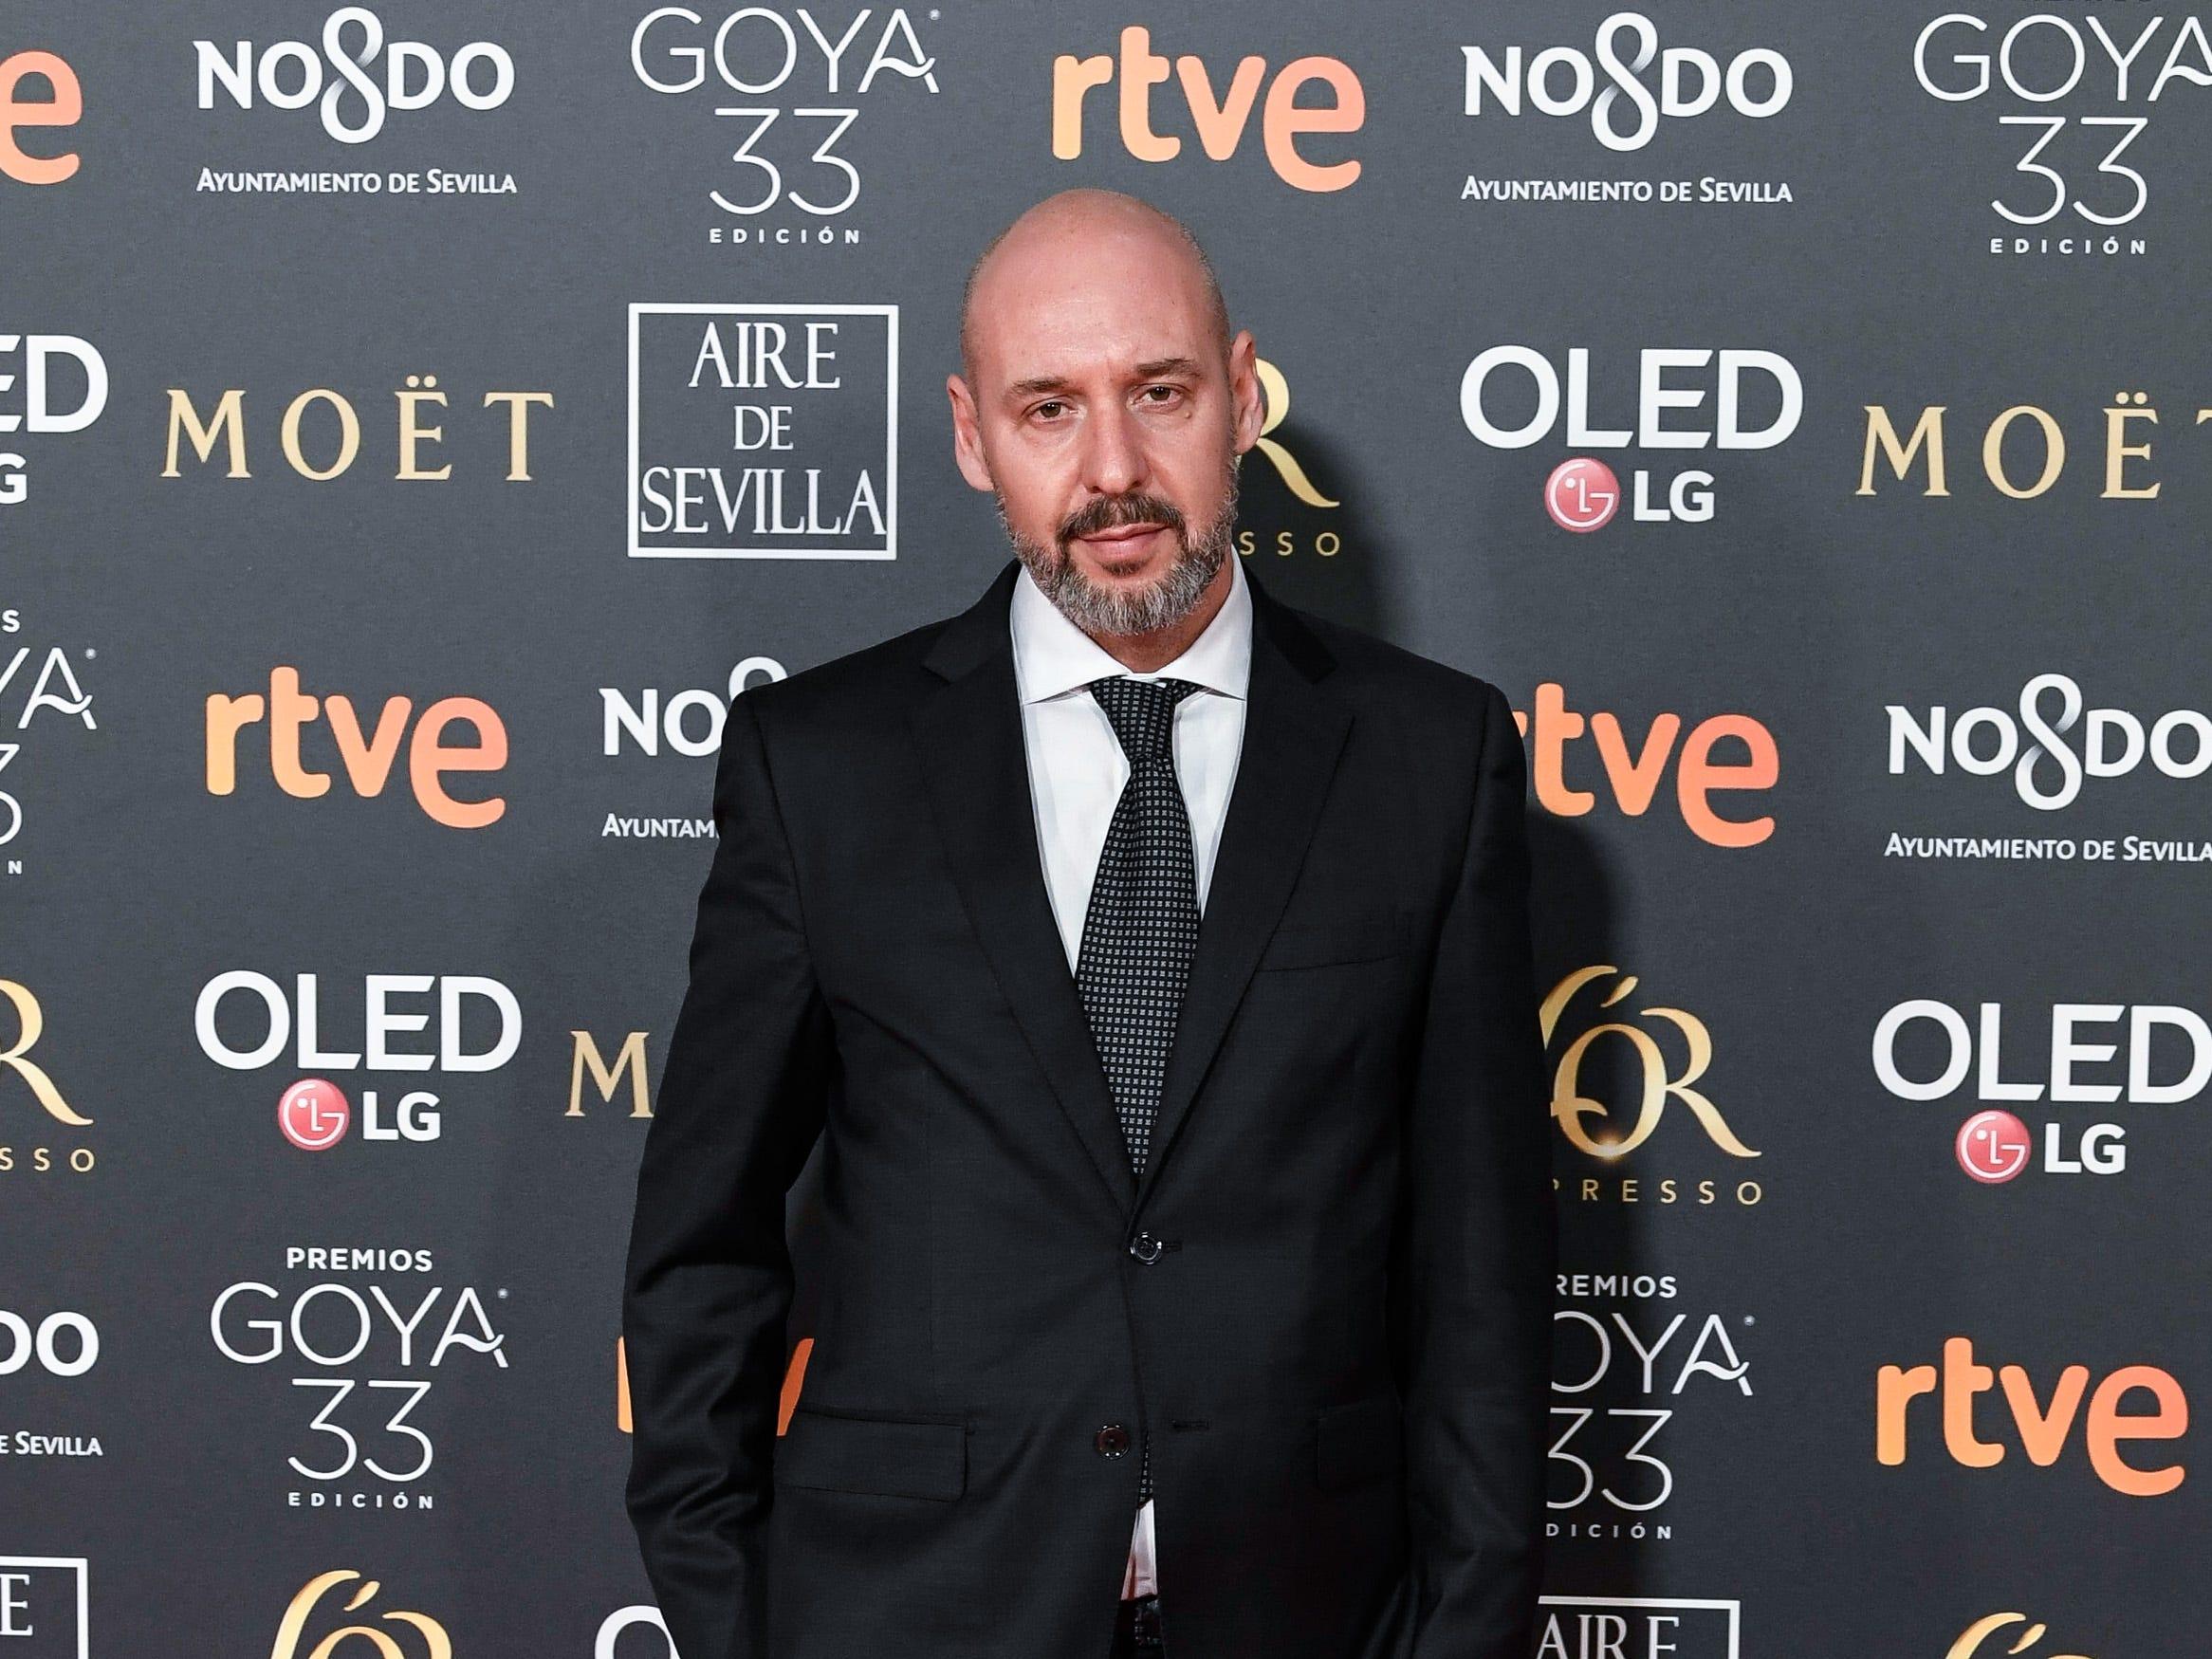 Jaume Balaguero asiste a la 33ª edición de los Premios de Cine Goya en el Palacio de Congresos y Exposiciones FIBES el 2 de febrero de 2019 en Sevilla, España.